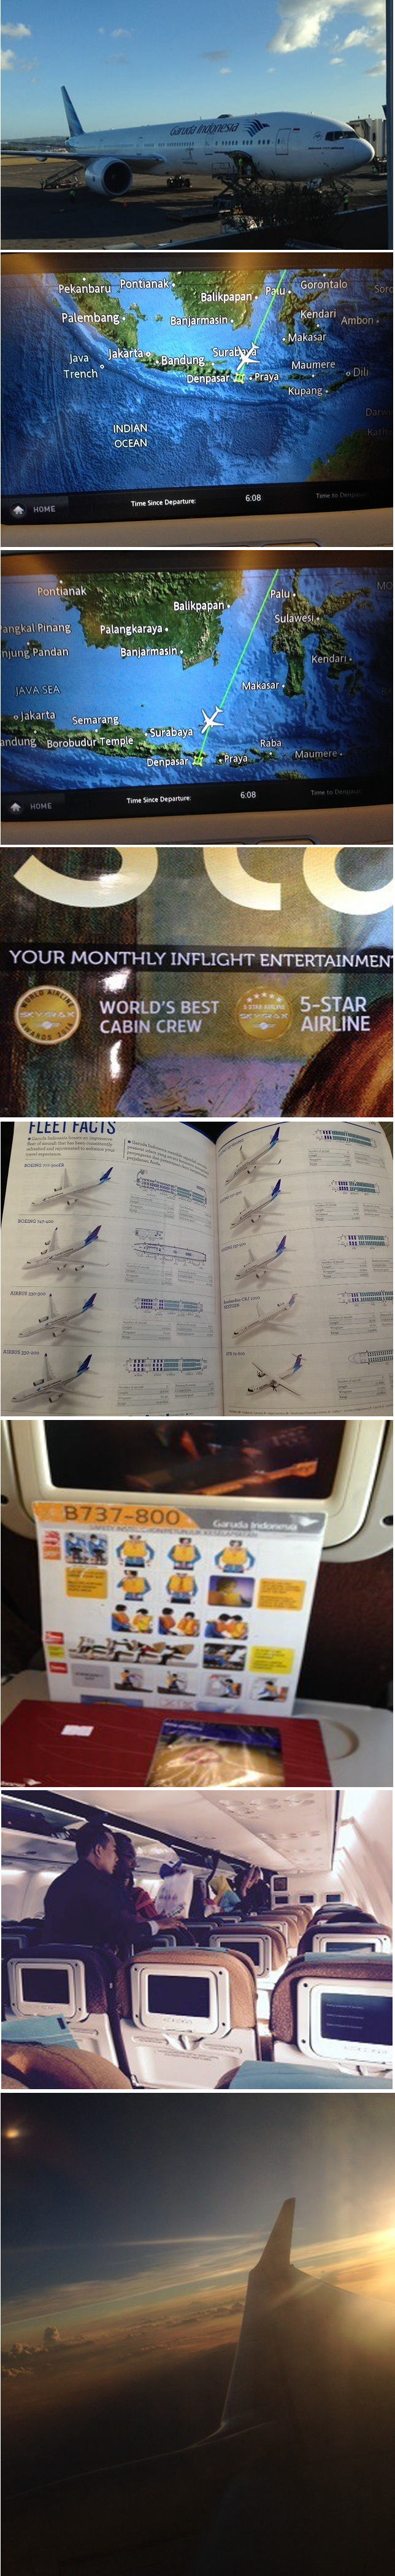 ガルーダインドネシア航空今昔ブログサイズ